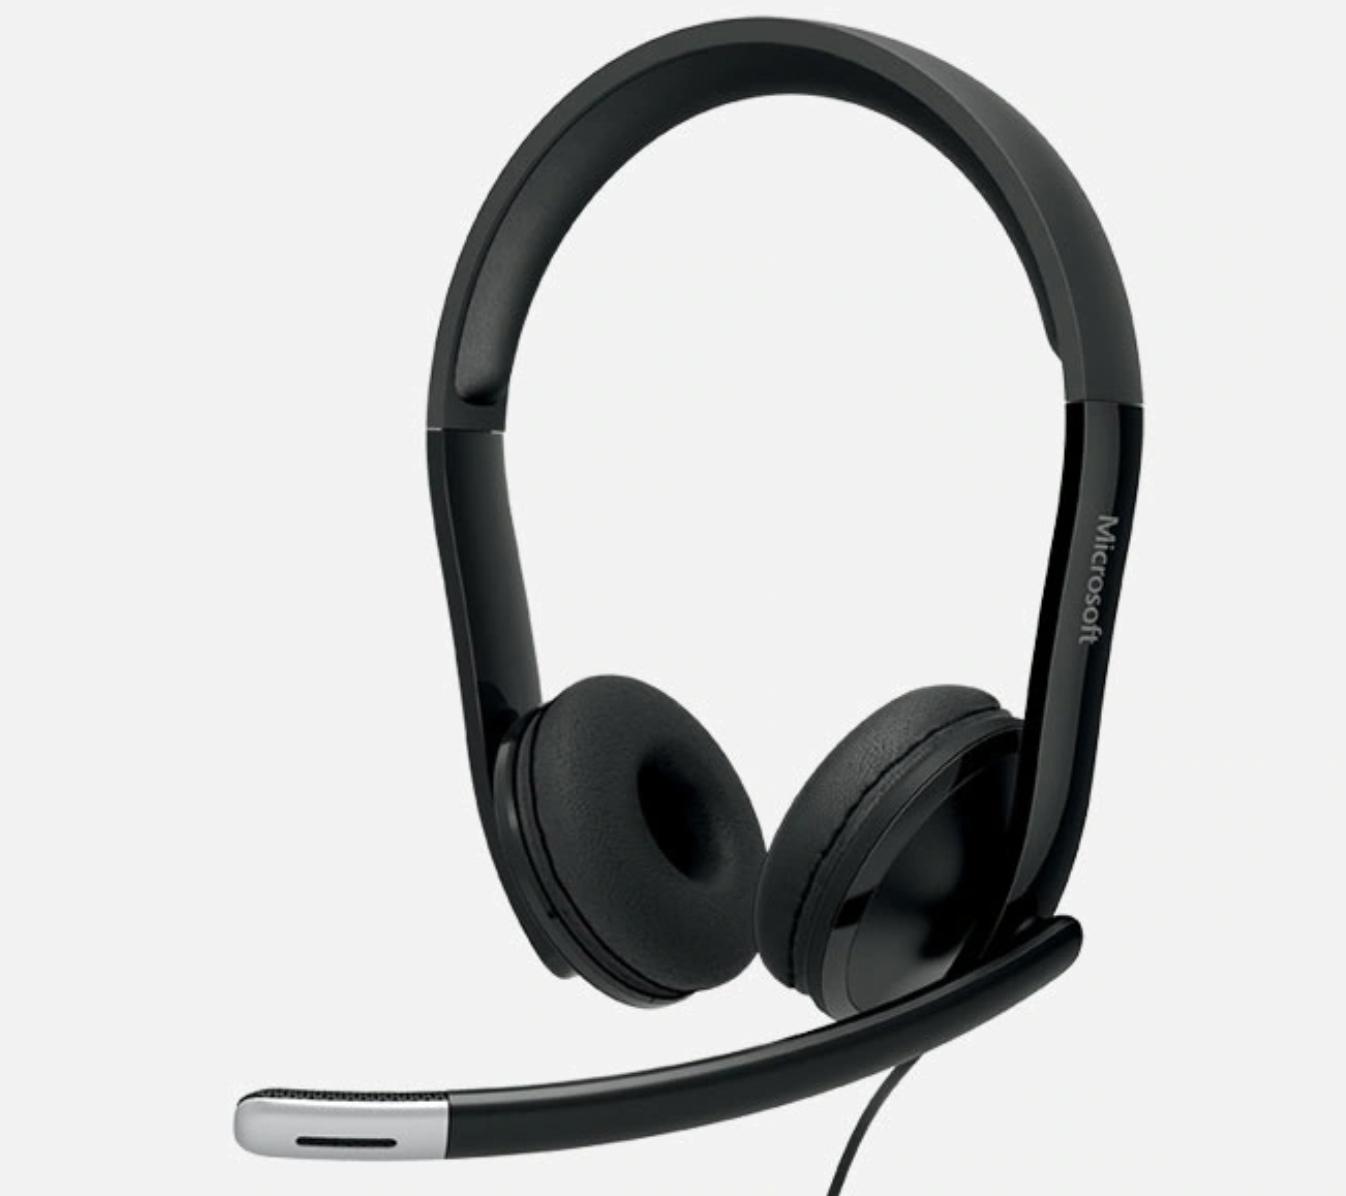 Гарнитура Microsoft LifeChat LX-6000 for business проводная для PC